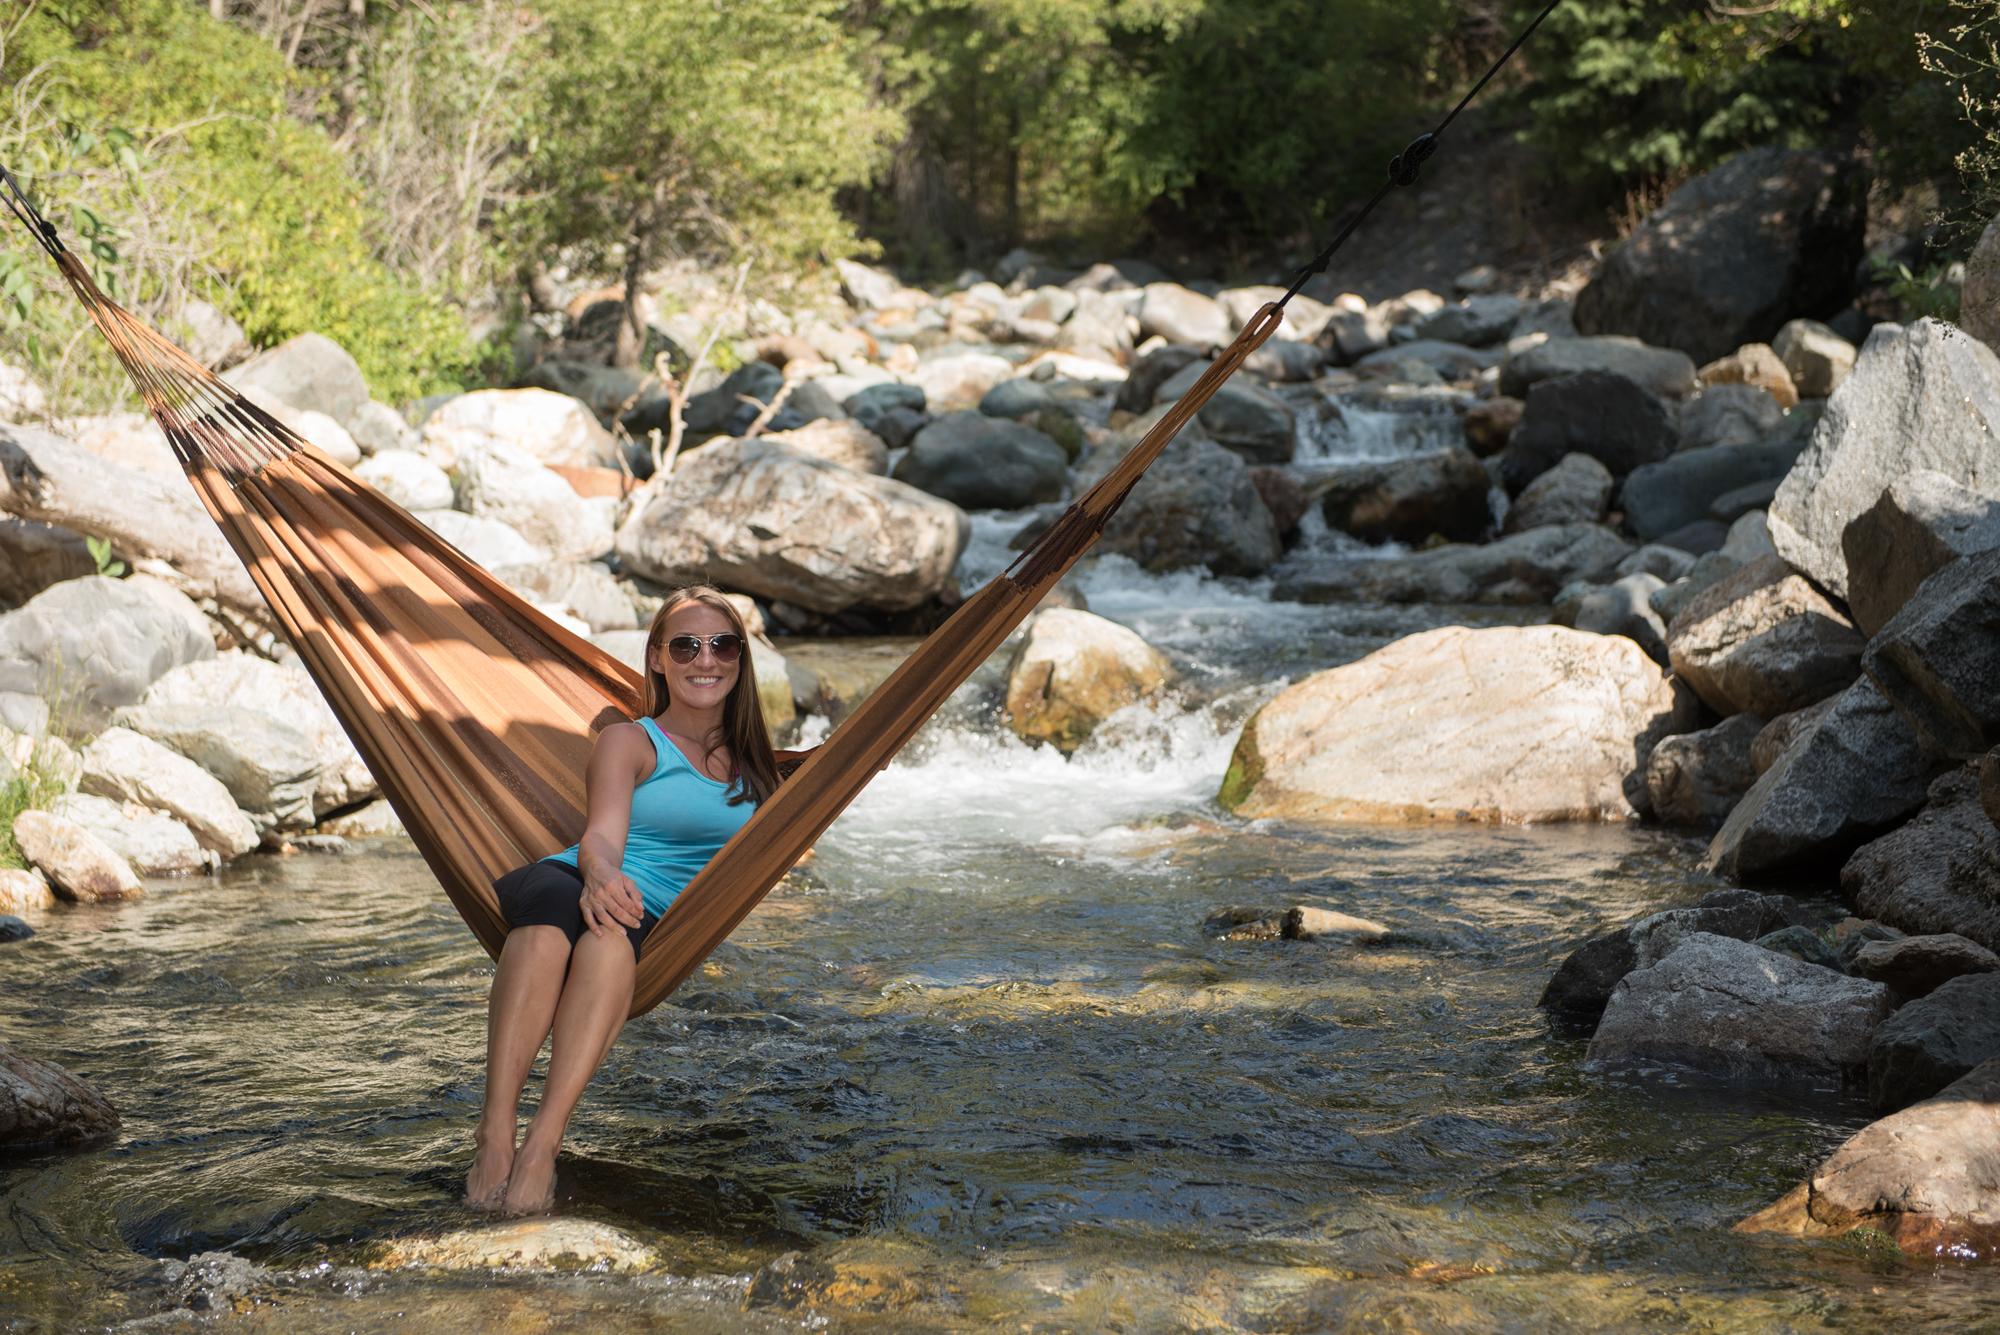 Hangmat 'Aventura' canyon